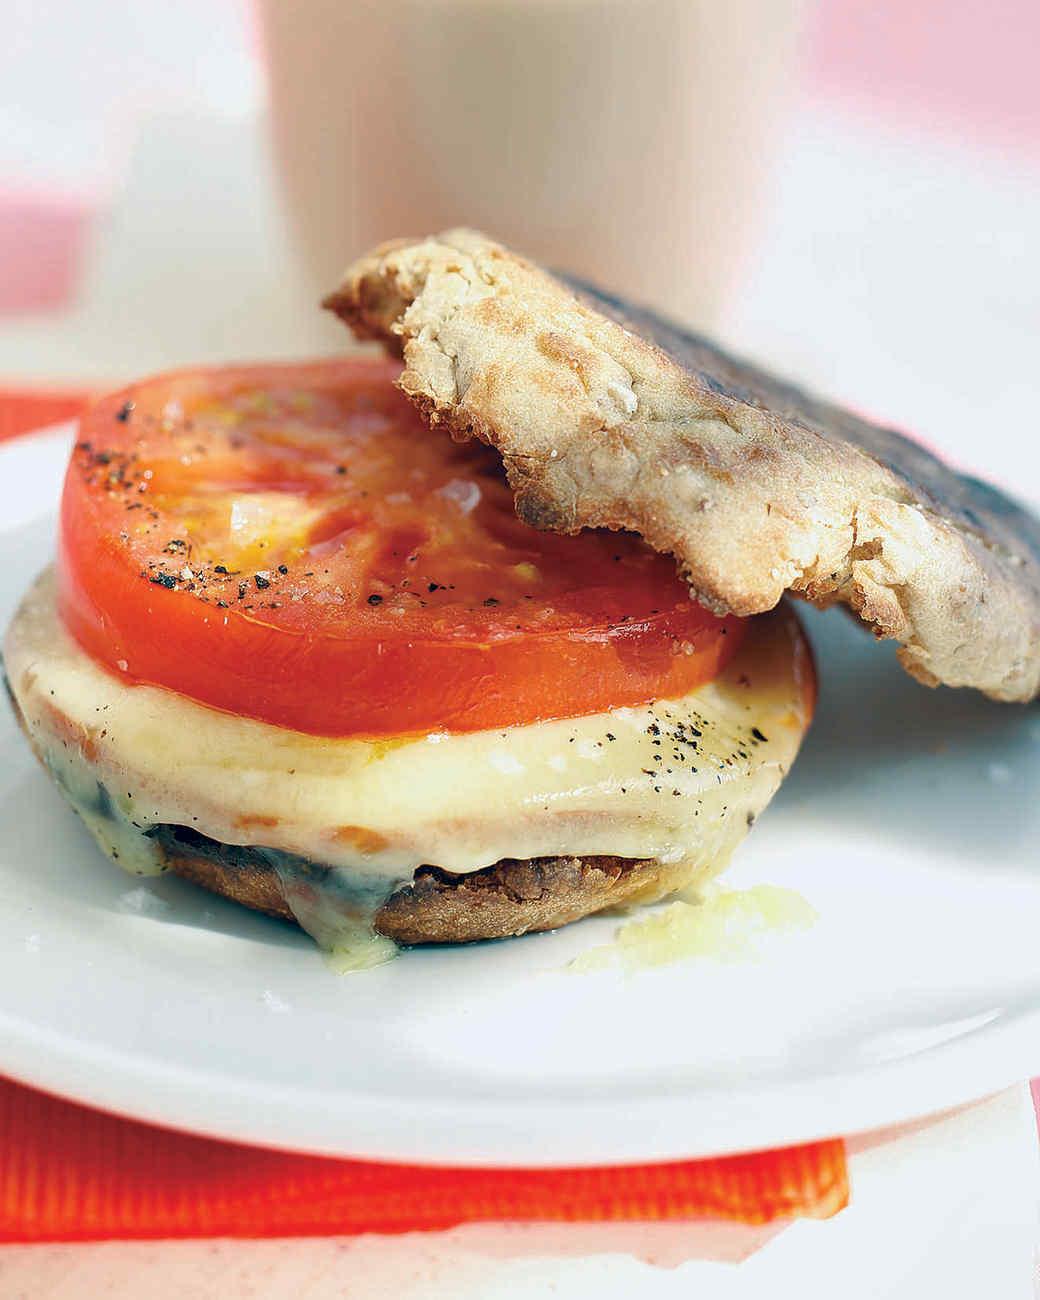 mfd101470hea002_0705_breakfast_sandwich.jpg